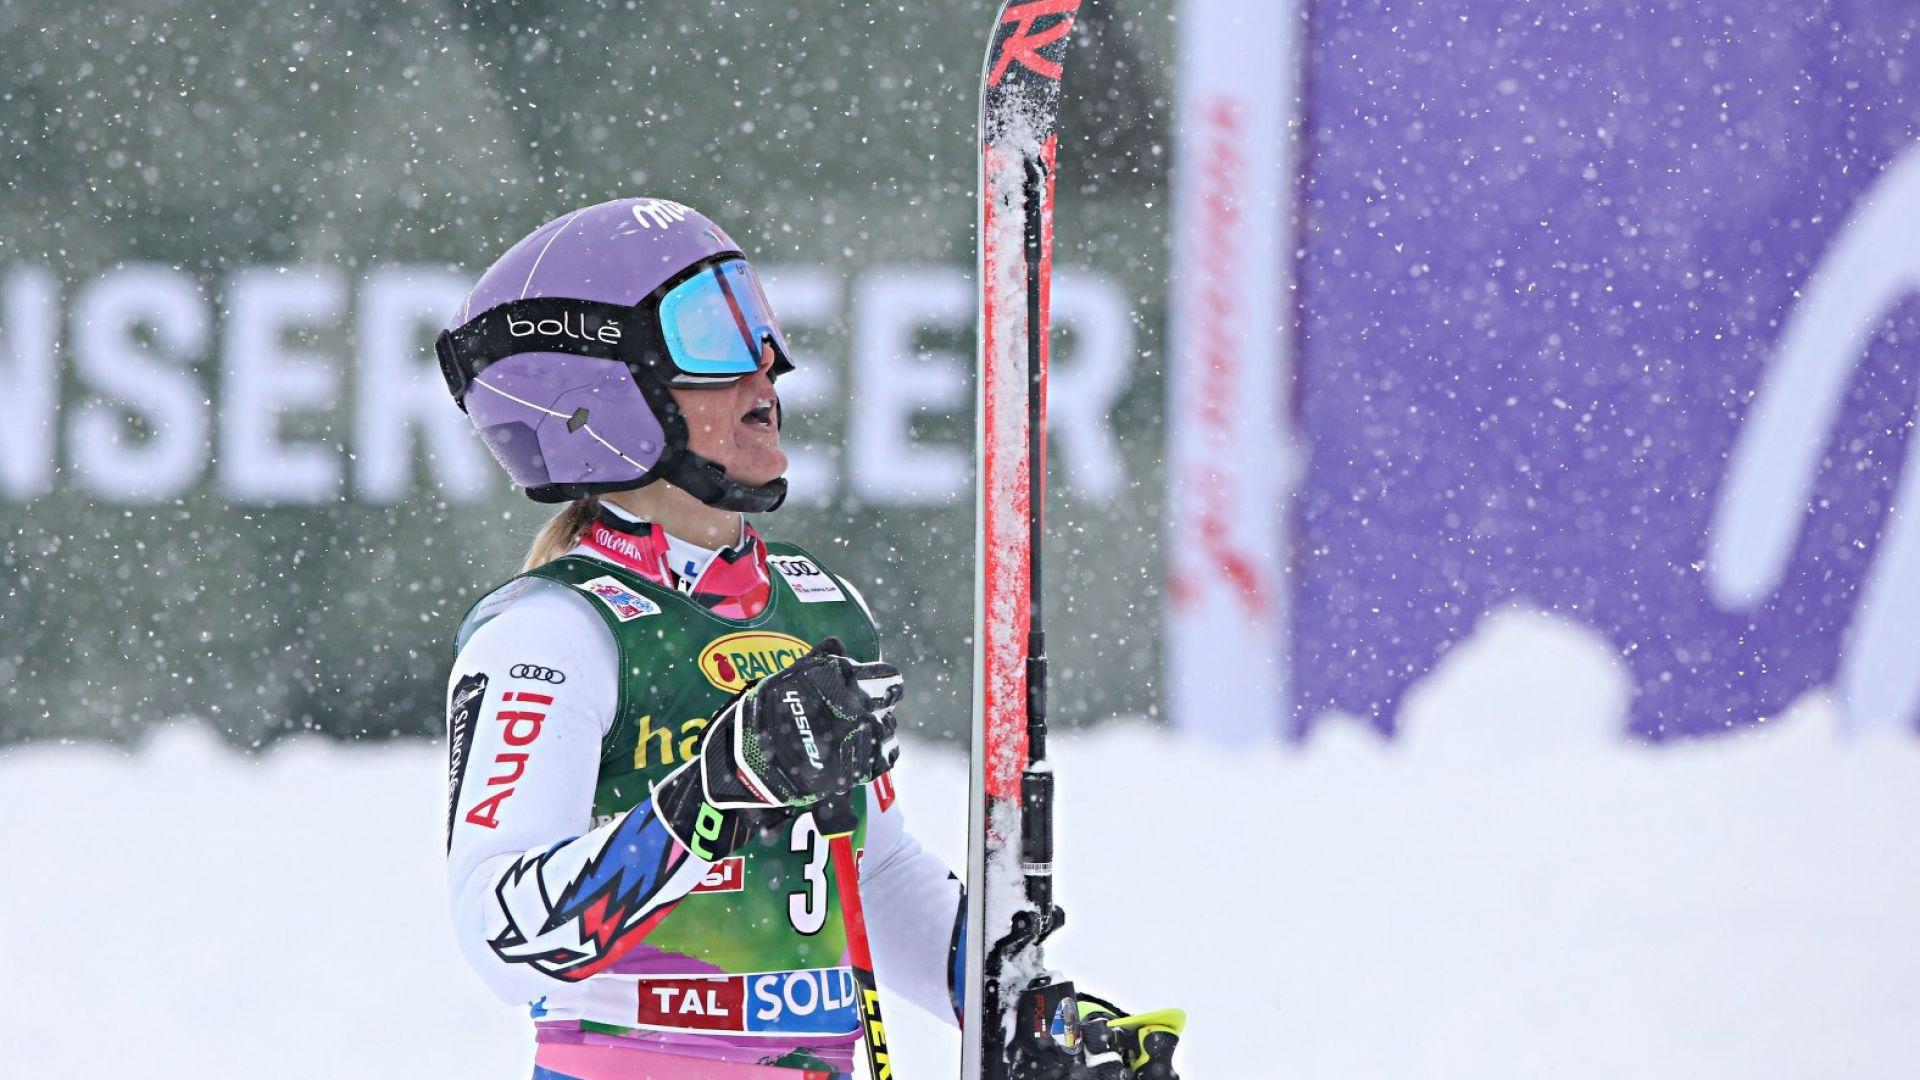 Французойка взе първото състезание в алпийските ски